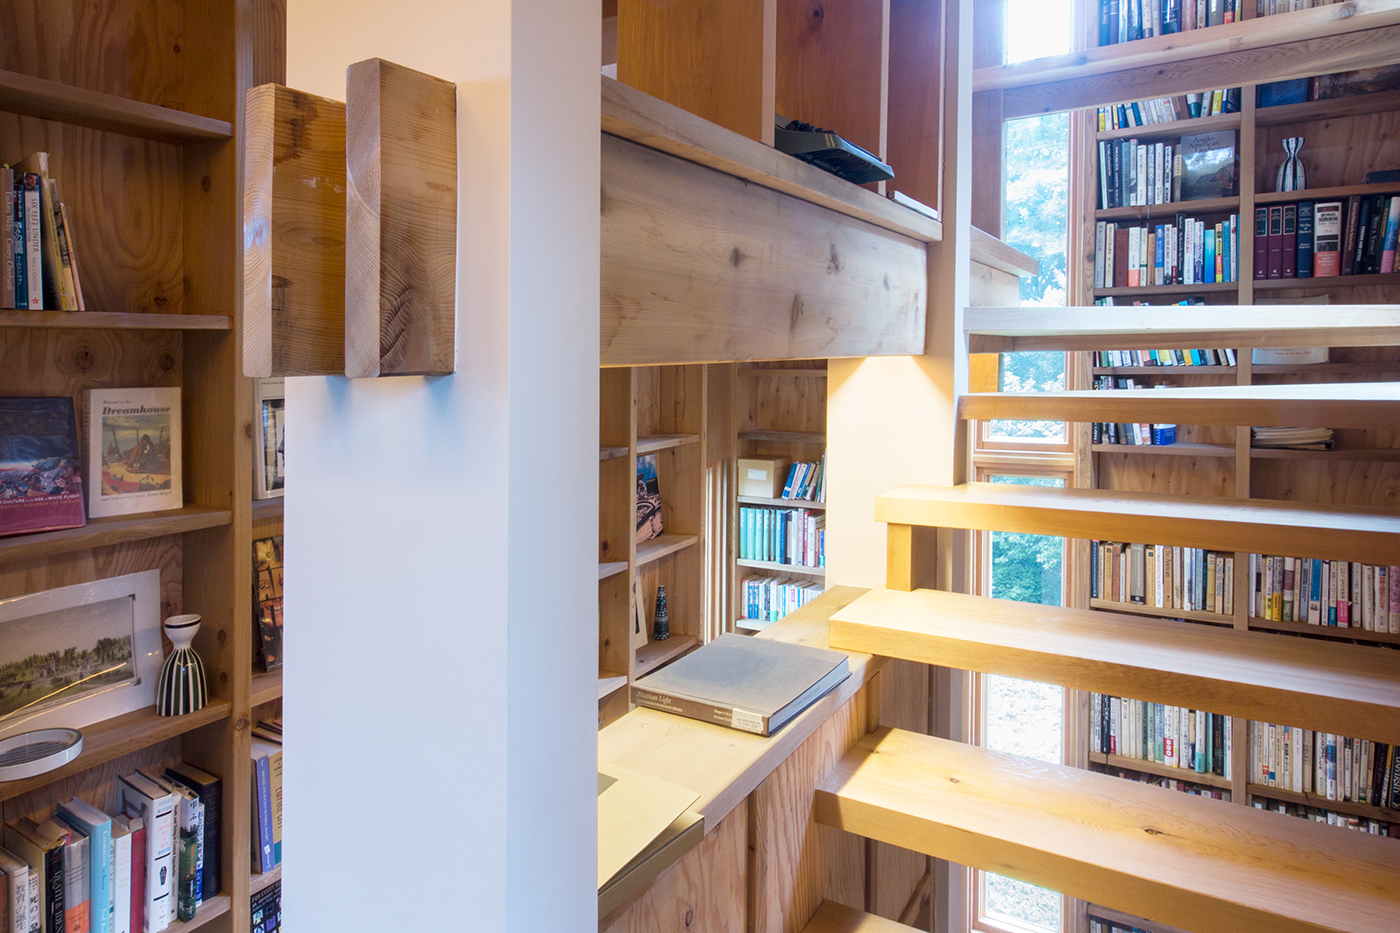 木造、個人図書館、書庫、書斎、増築、群馬、舘林、一級建築士事務所、建築家、レッドシダー、N&C、マーヴィン、木製窓、ストリップ階段、本棚